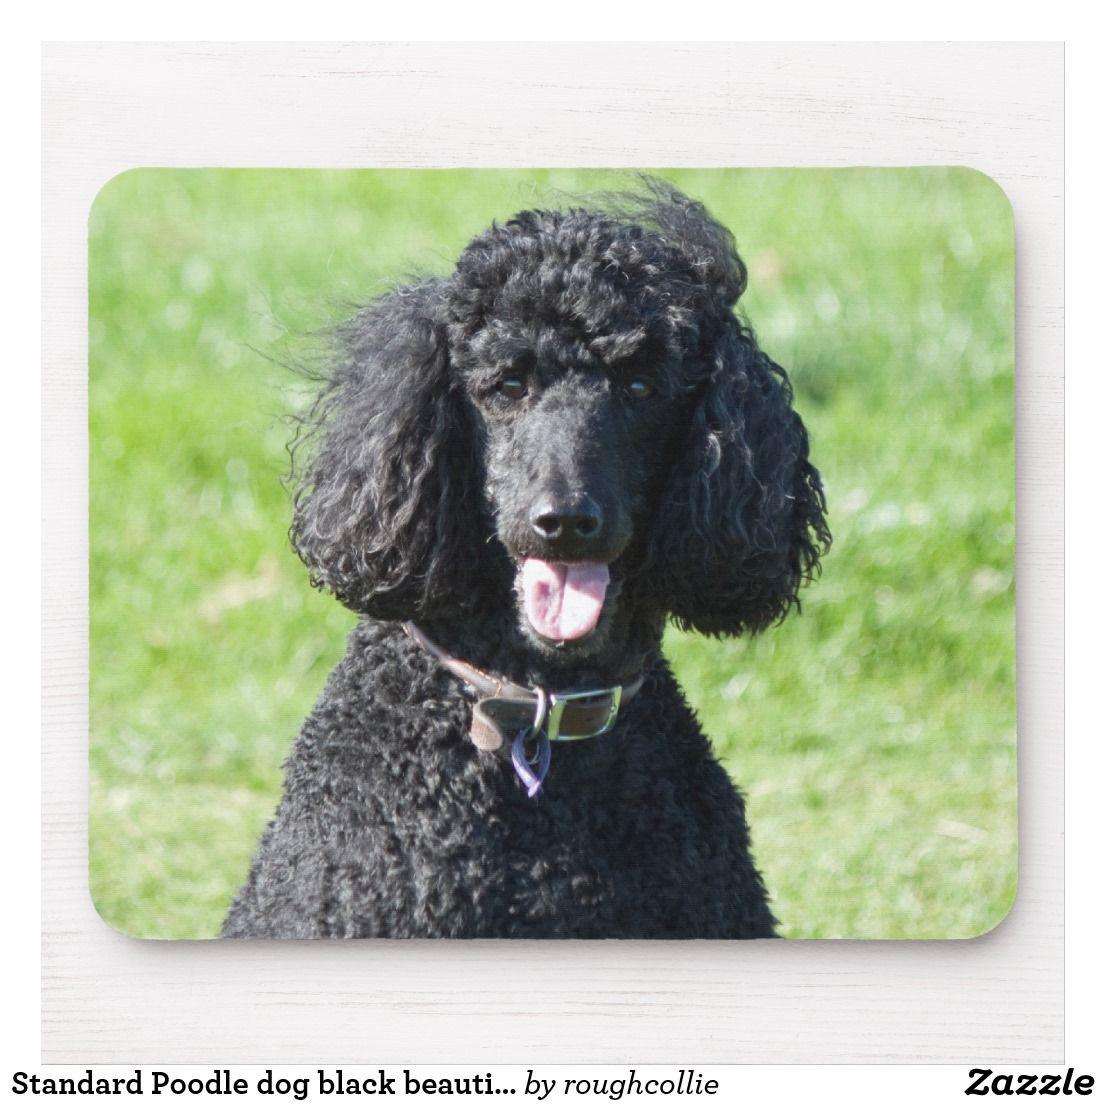 Standard Poodle Dog Black Beautiful Photo Portrait Mouse Pad